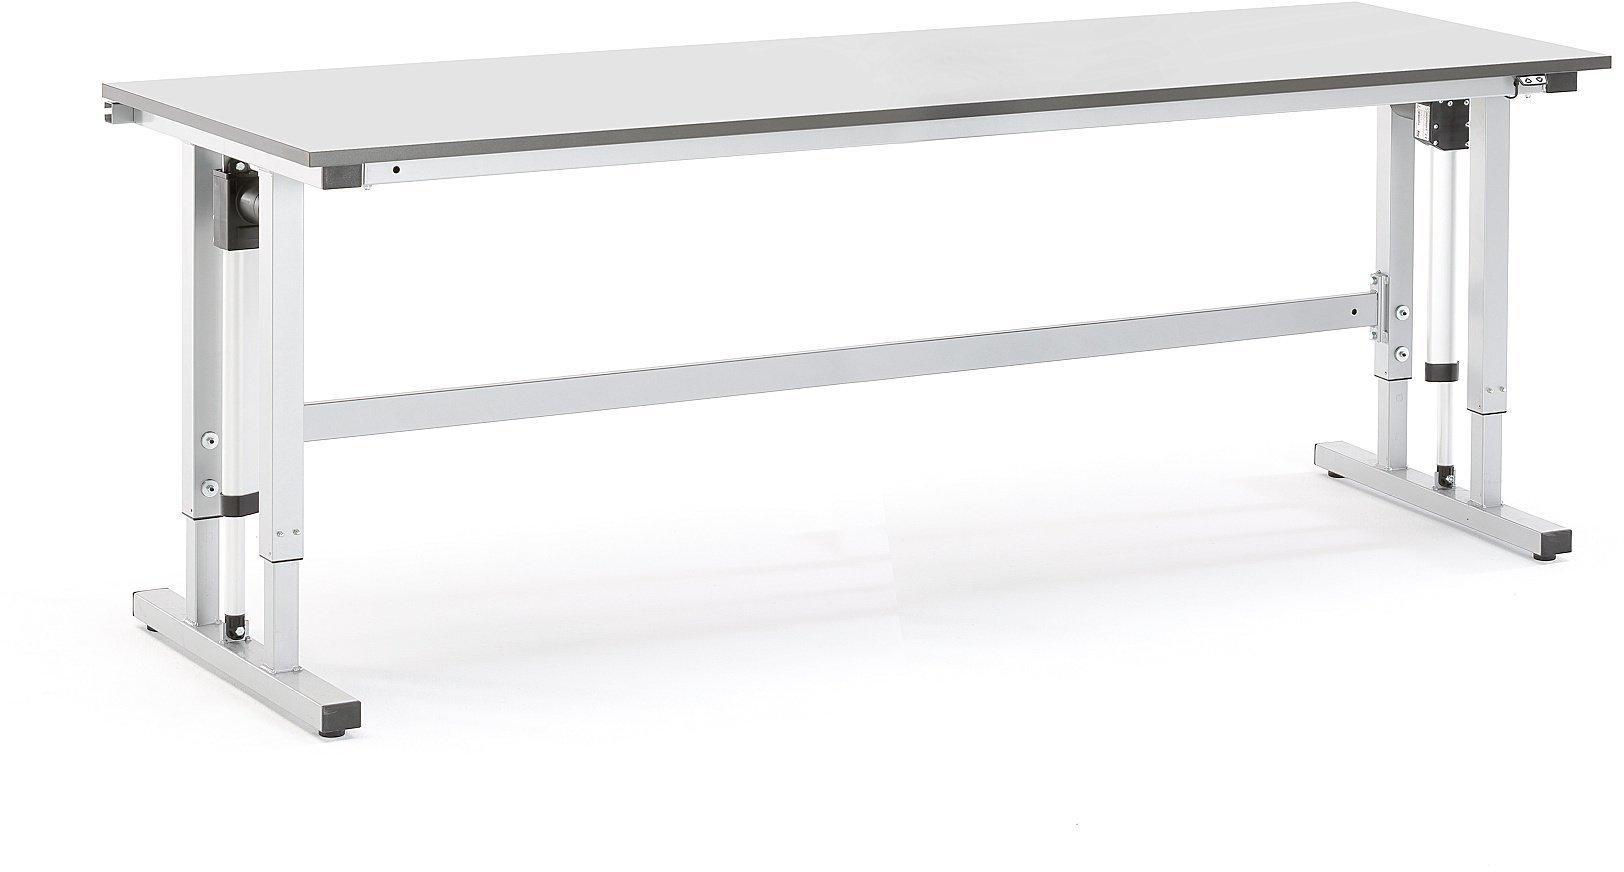 Elektricky výškovo nastaviteľný dielenský stôl Motion, nosnosť 400 kg, 2500x800 mm